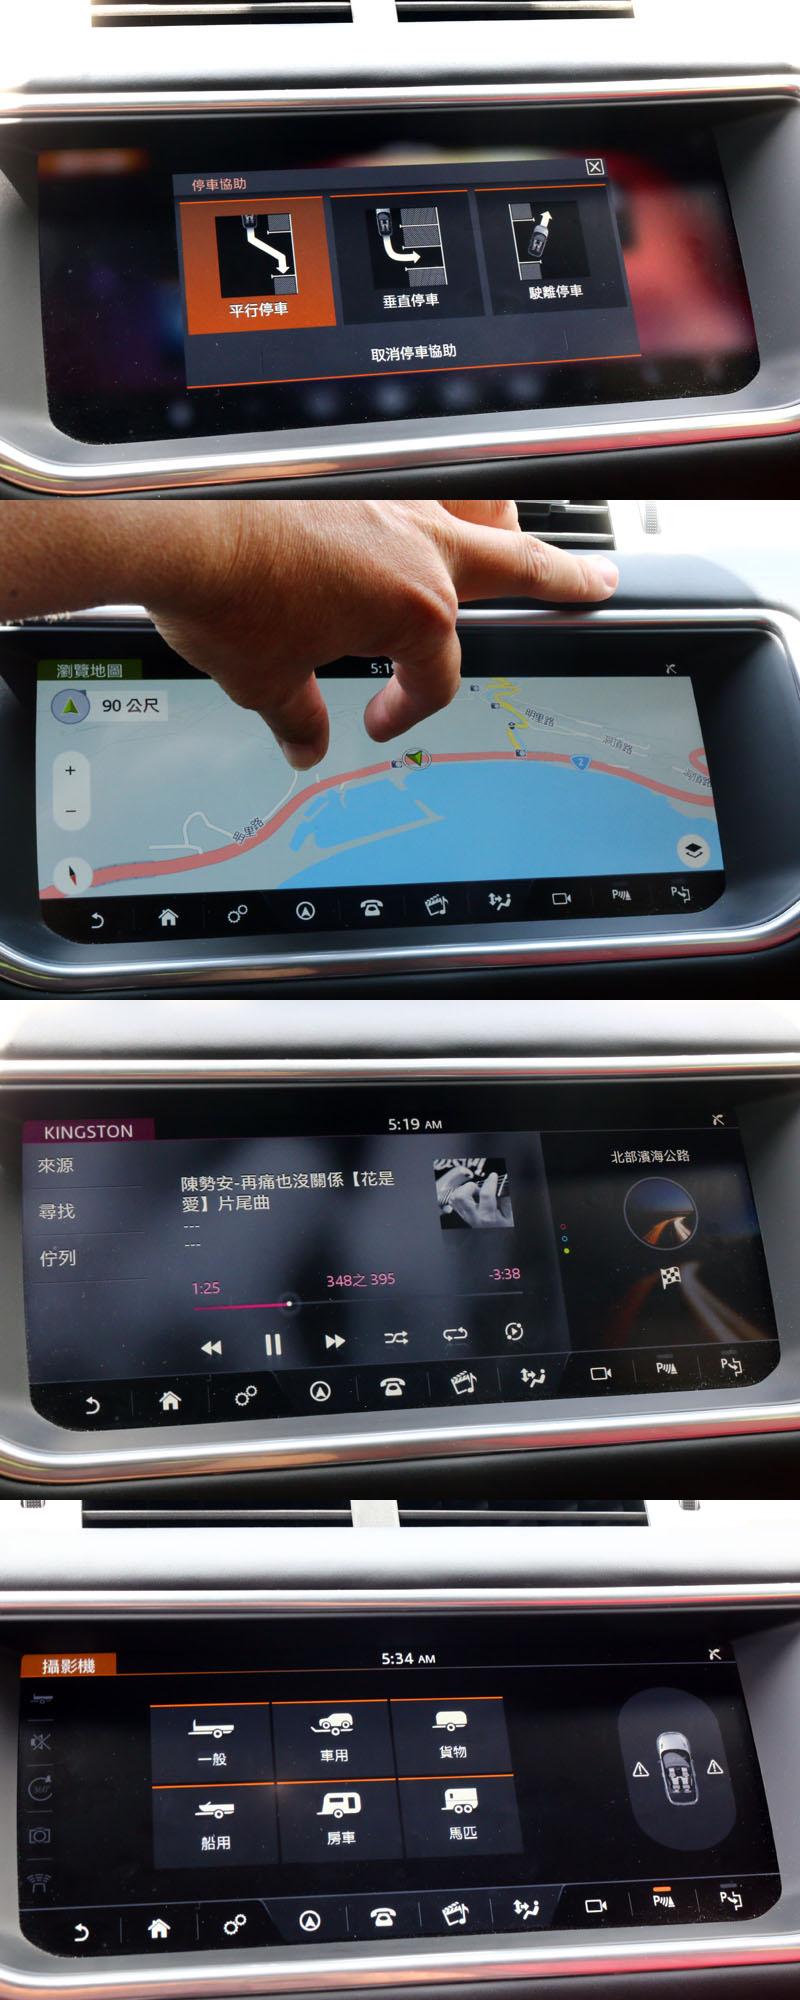 全新的 InControl 智慧多媒體系統,具備10.2 吋中央全觸控螢幕,而且還新增了雙區快捷操作功能,而該系統也整合了影音、通訊、衛星導航、影像輔助等功能,同時停車輔助系統功能也可由此操作。